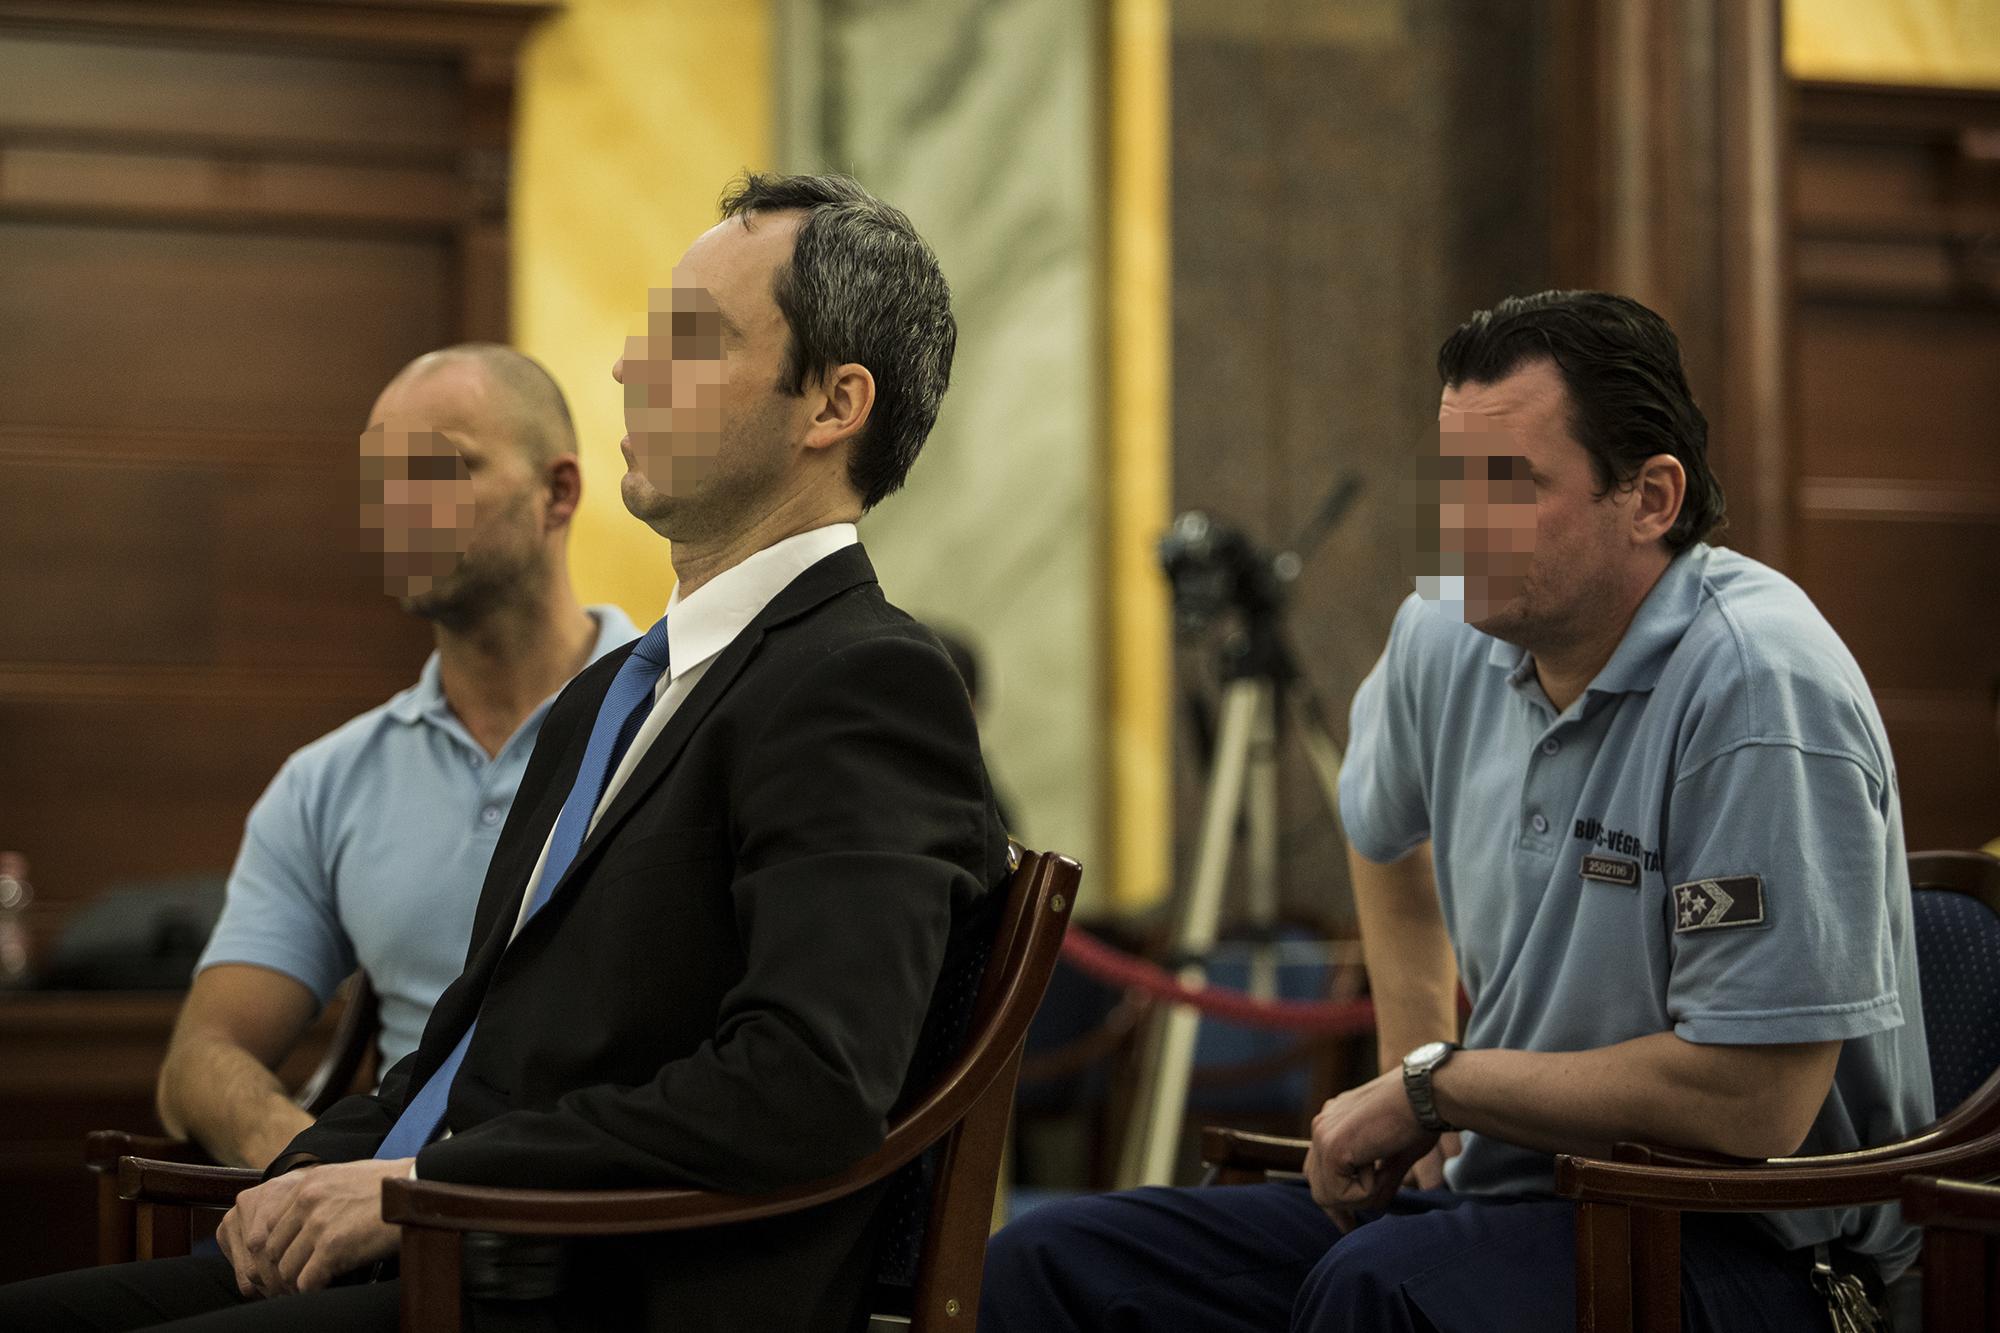 Alkotmánybíróság: Lehet mutatni a börtönőrök arcát